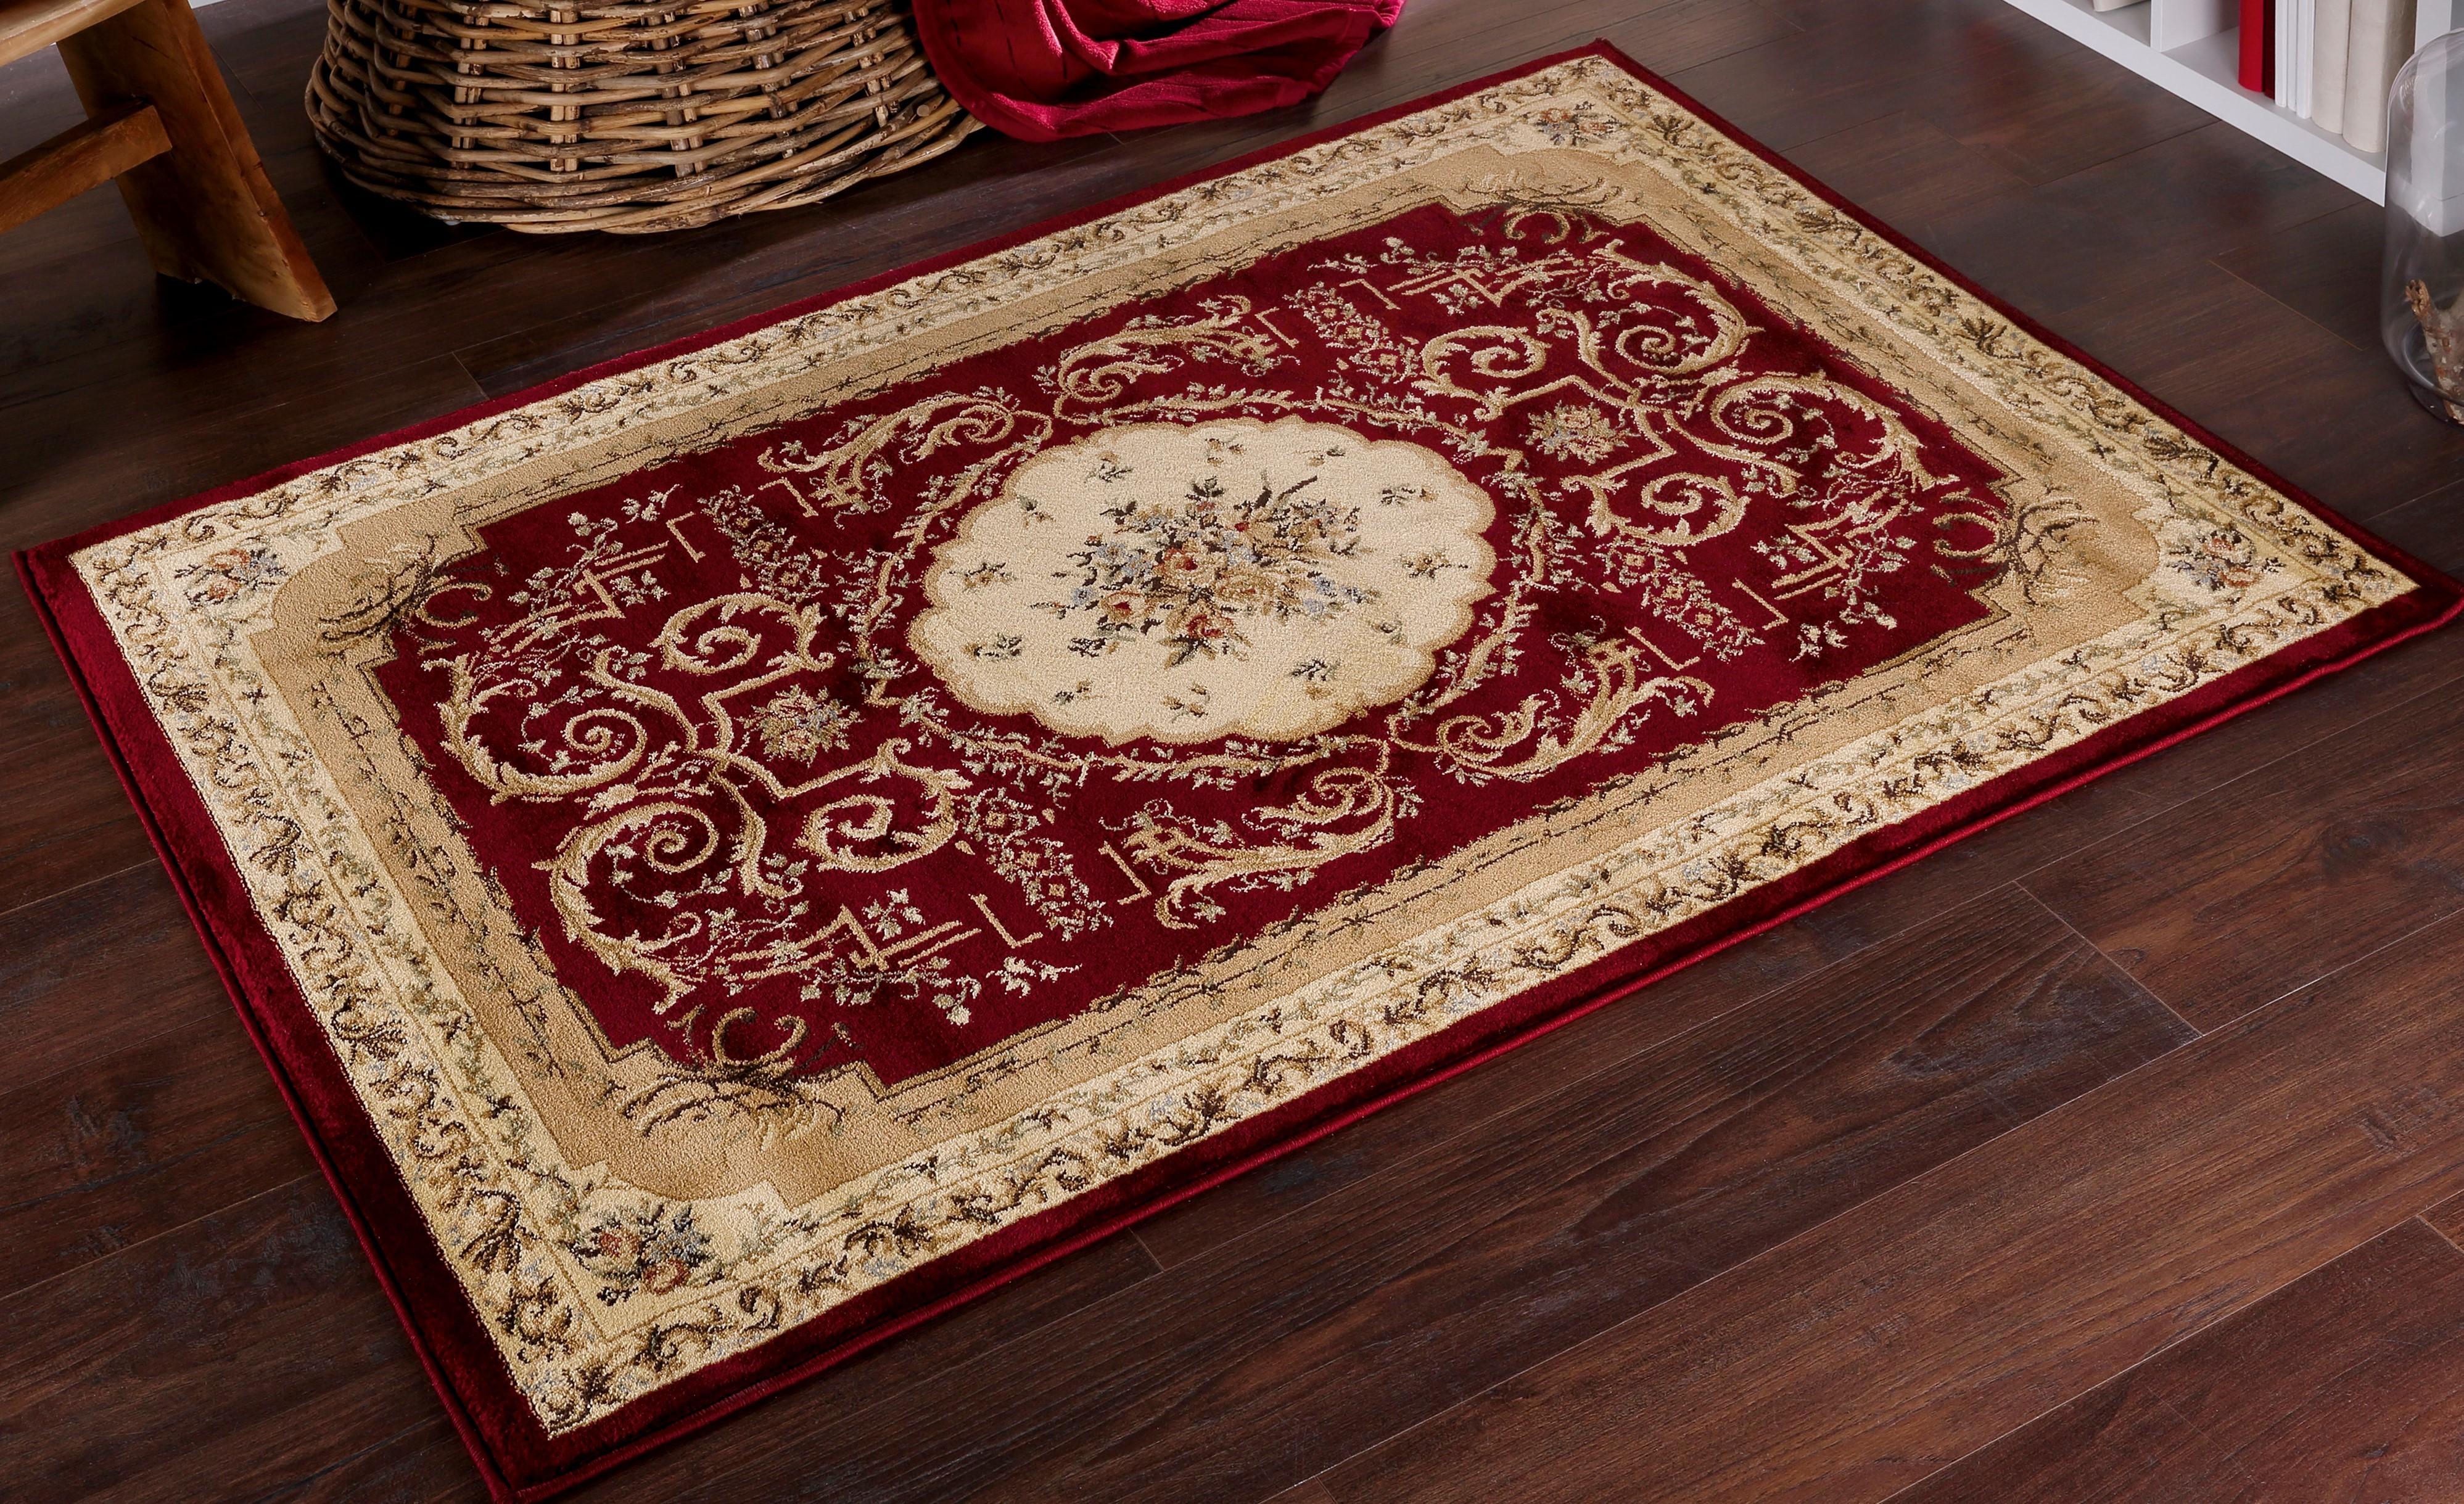 Comprare tappeto - ora tappeti per ufficio, moquette antracite ...